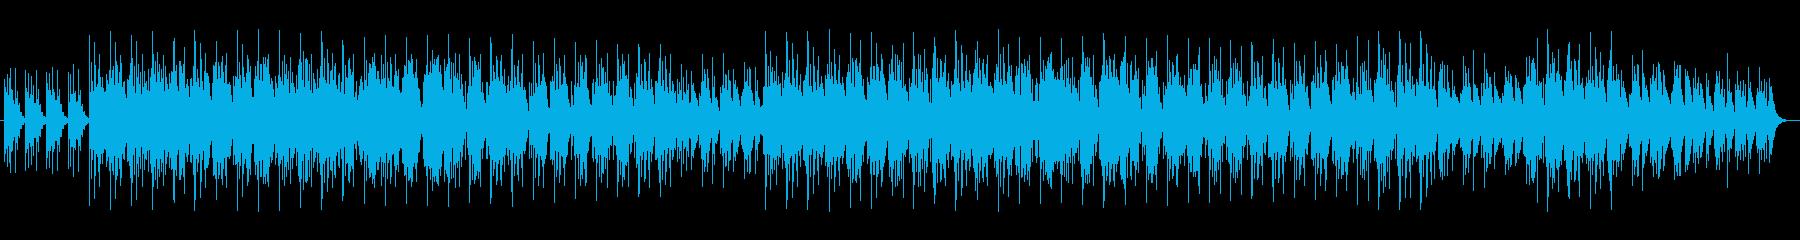 ボーダレスなアンビエントミュージックの再生済みの波形